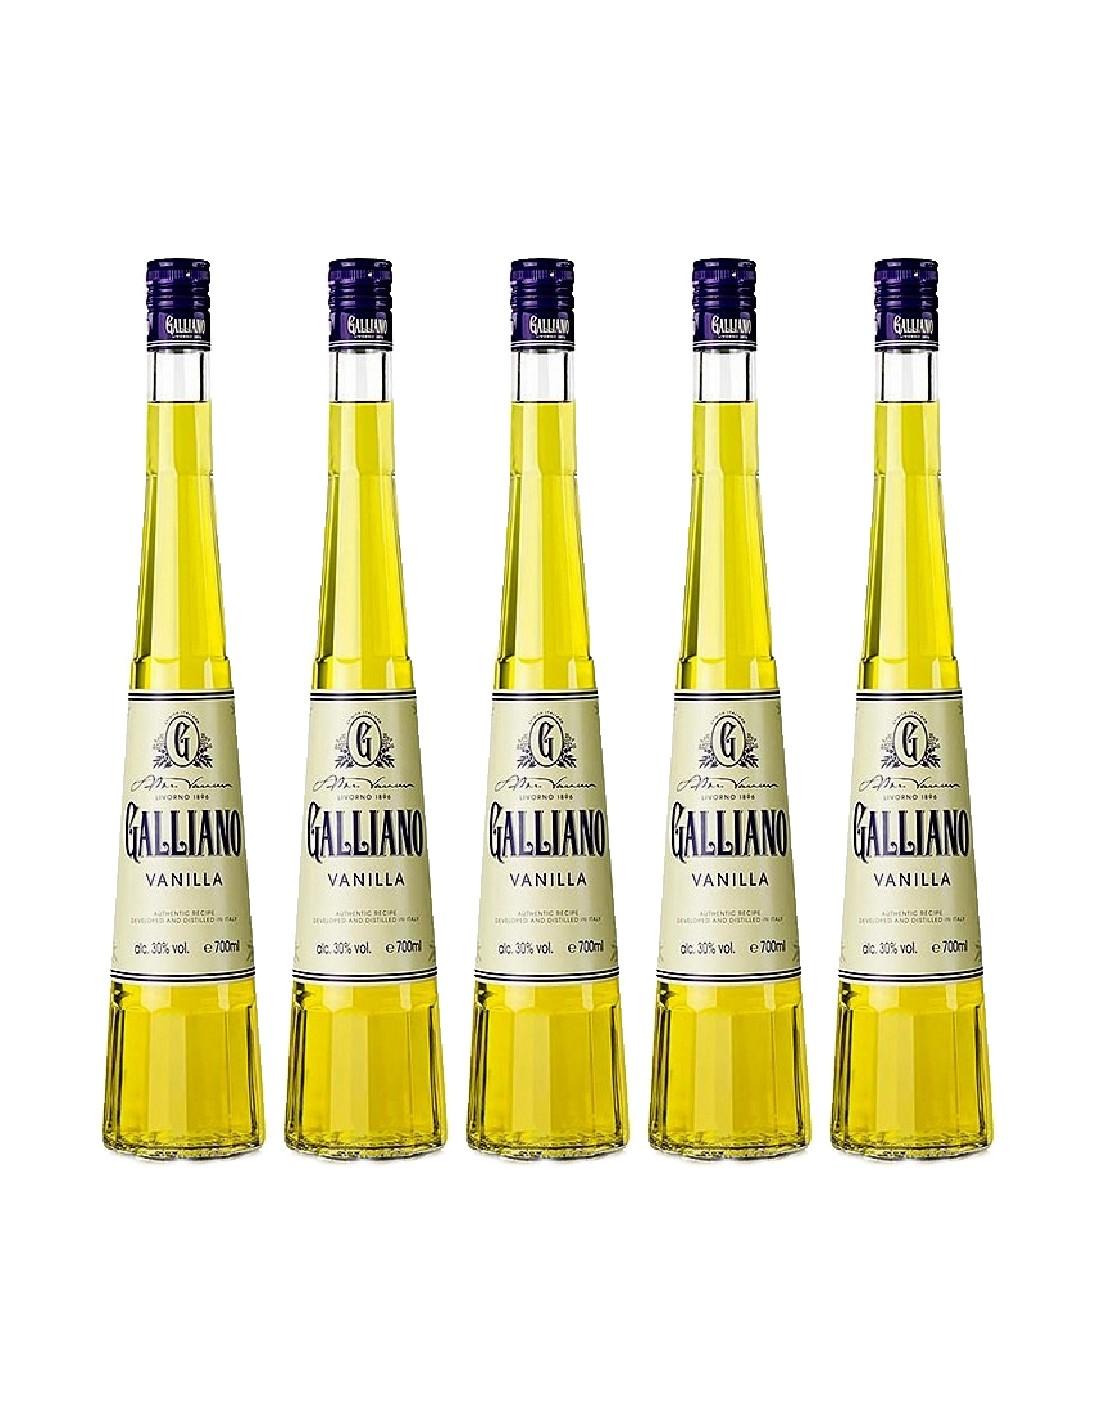 Pachet 5 sticle Lichior Galliano Vanilla 30% alc., 0.7L, Italia